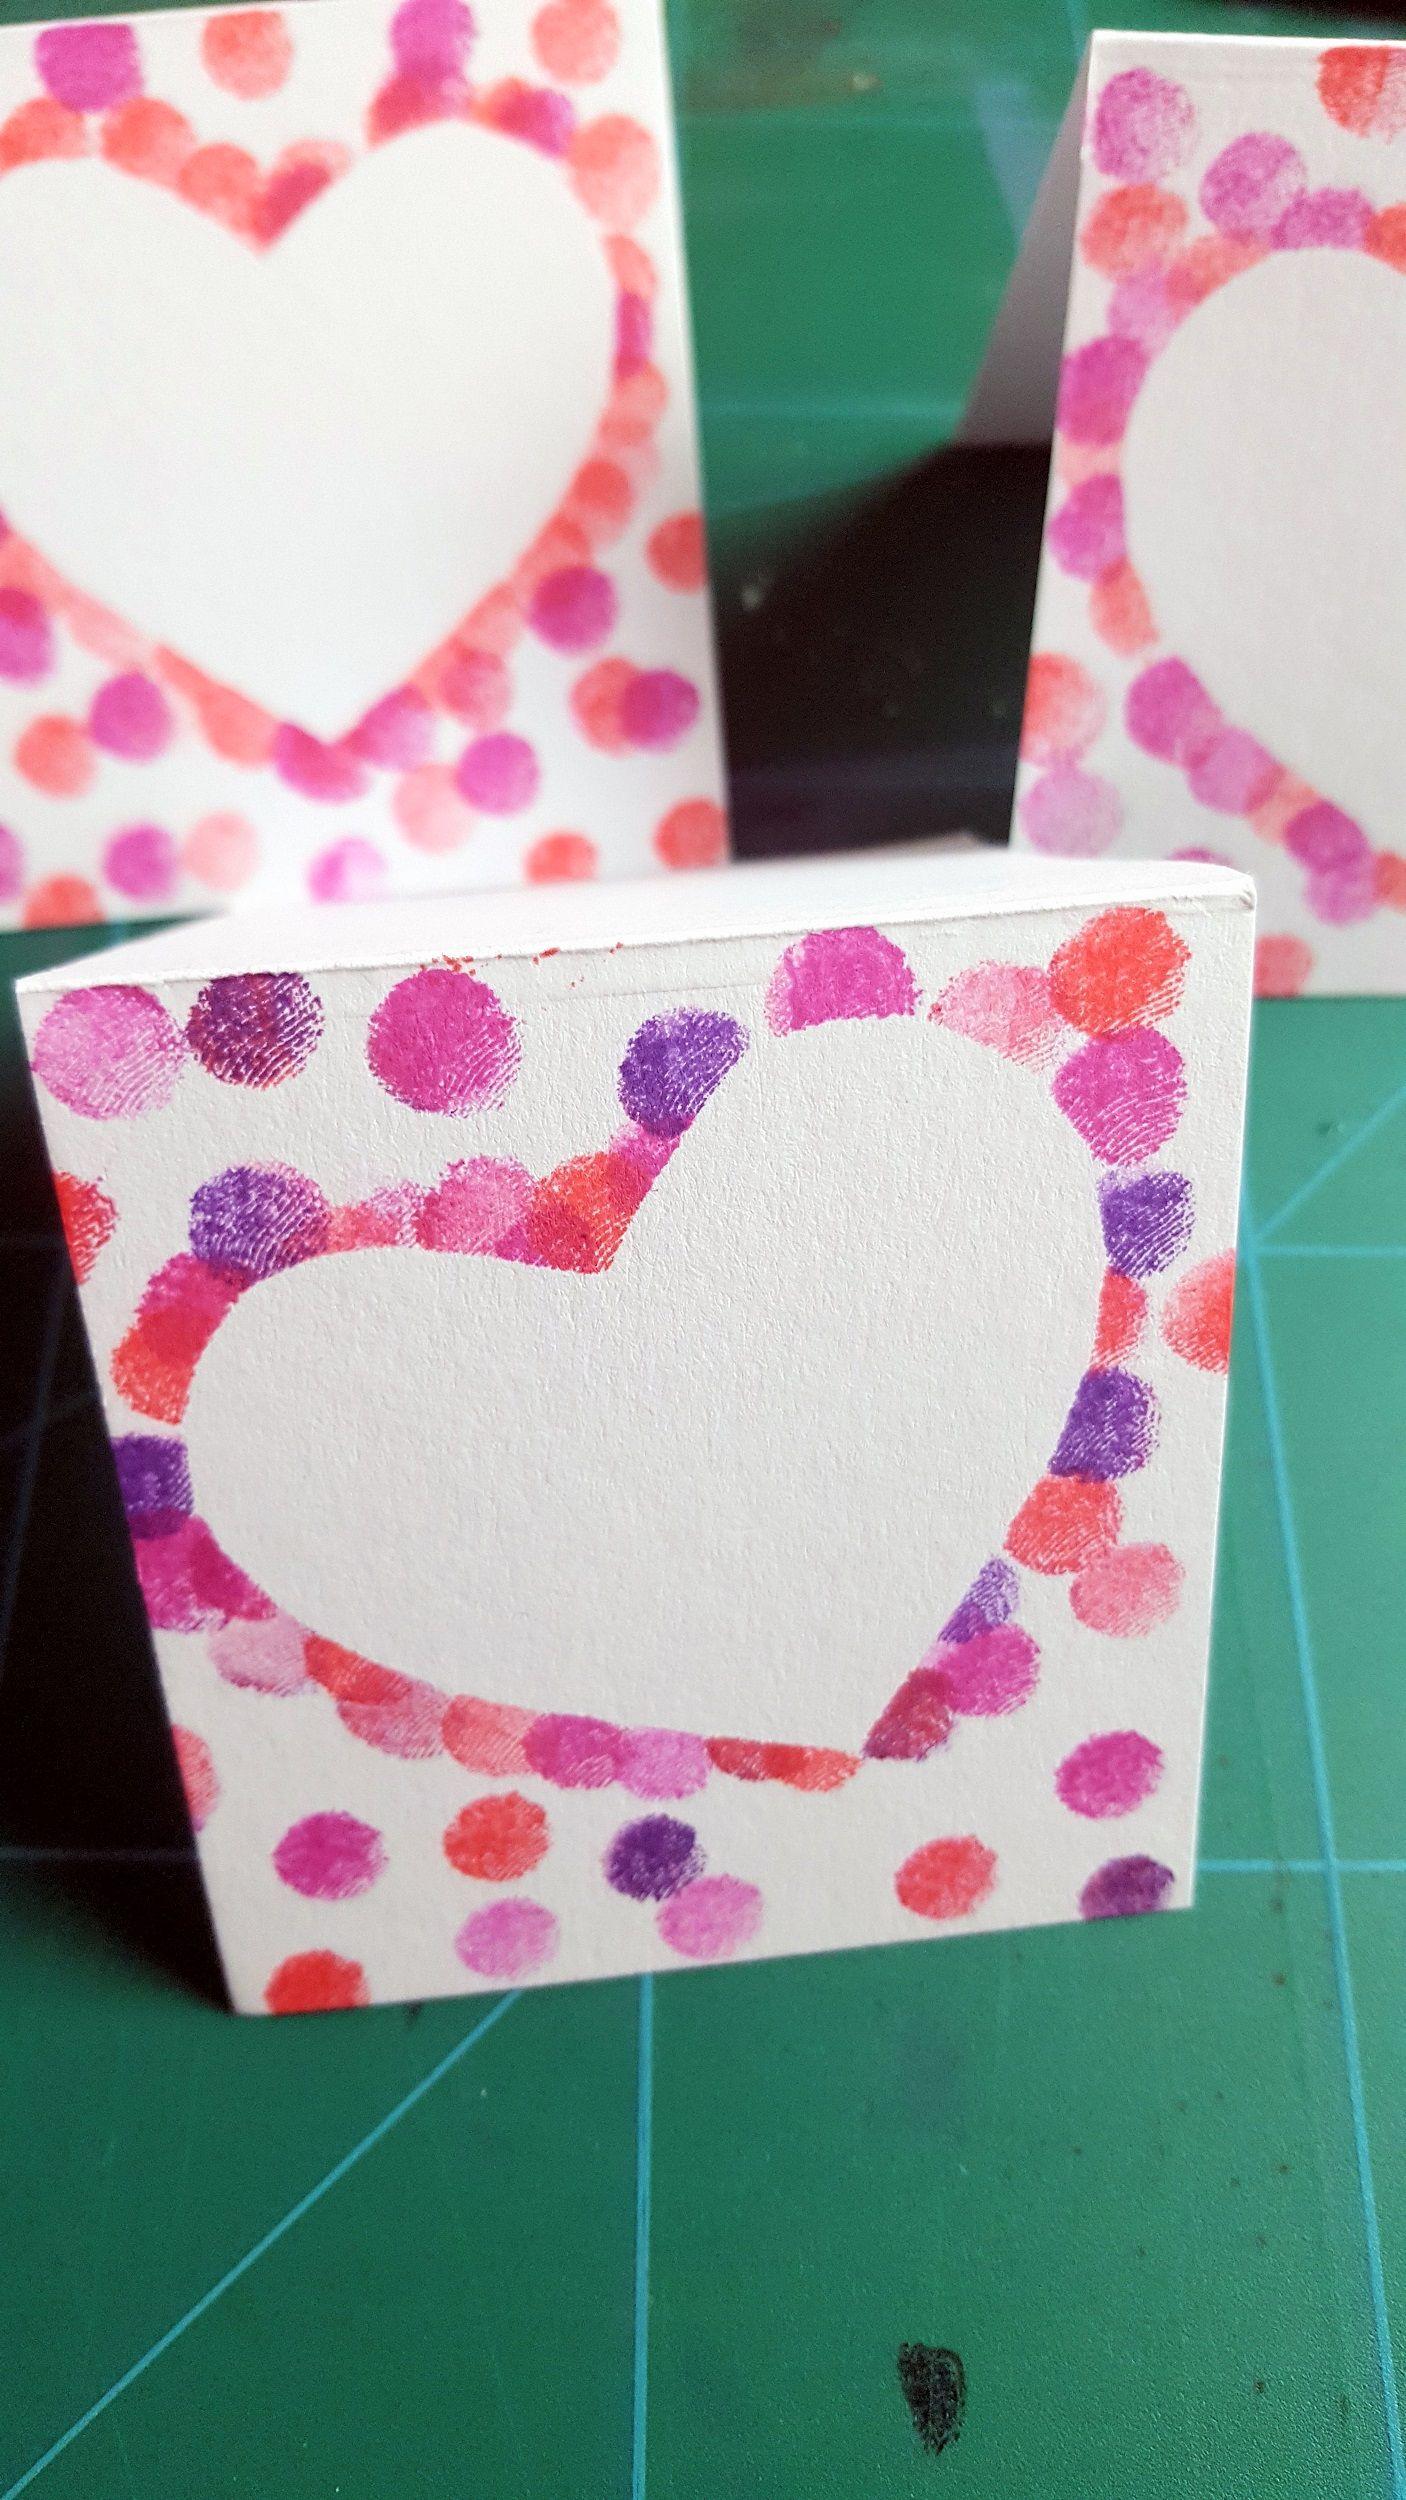 DIY Stempelkarten mit Herz zum Valentinstag, Muttertag - Bastelmädchen #father